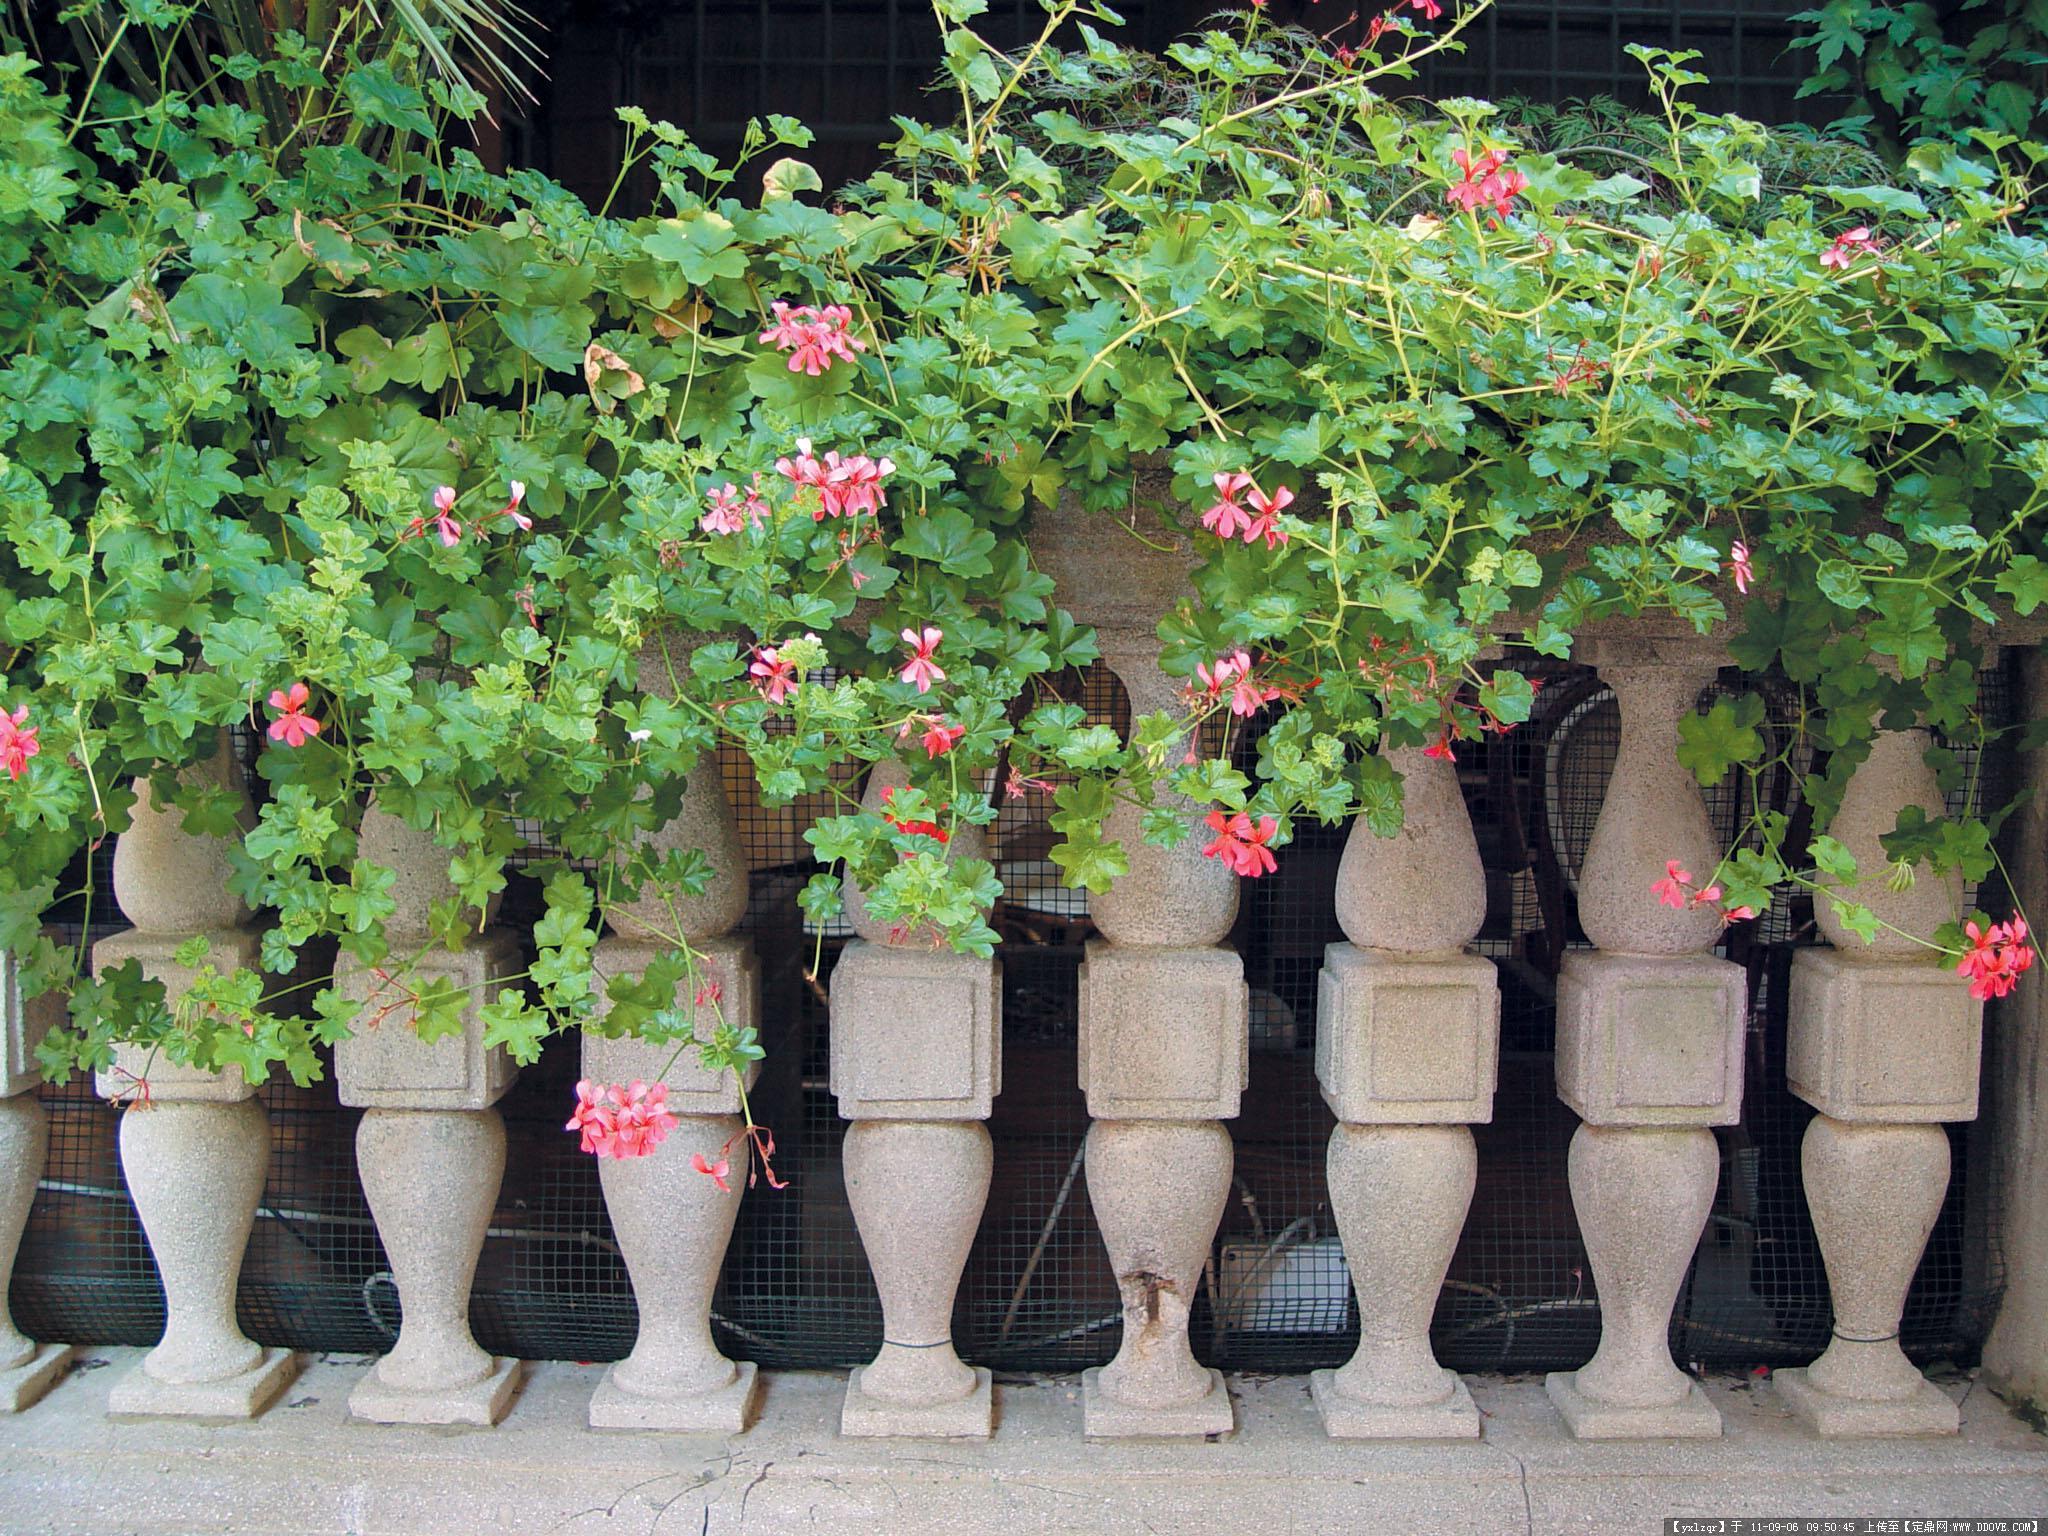 柱栏造型的图片浏览